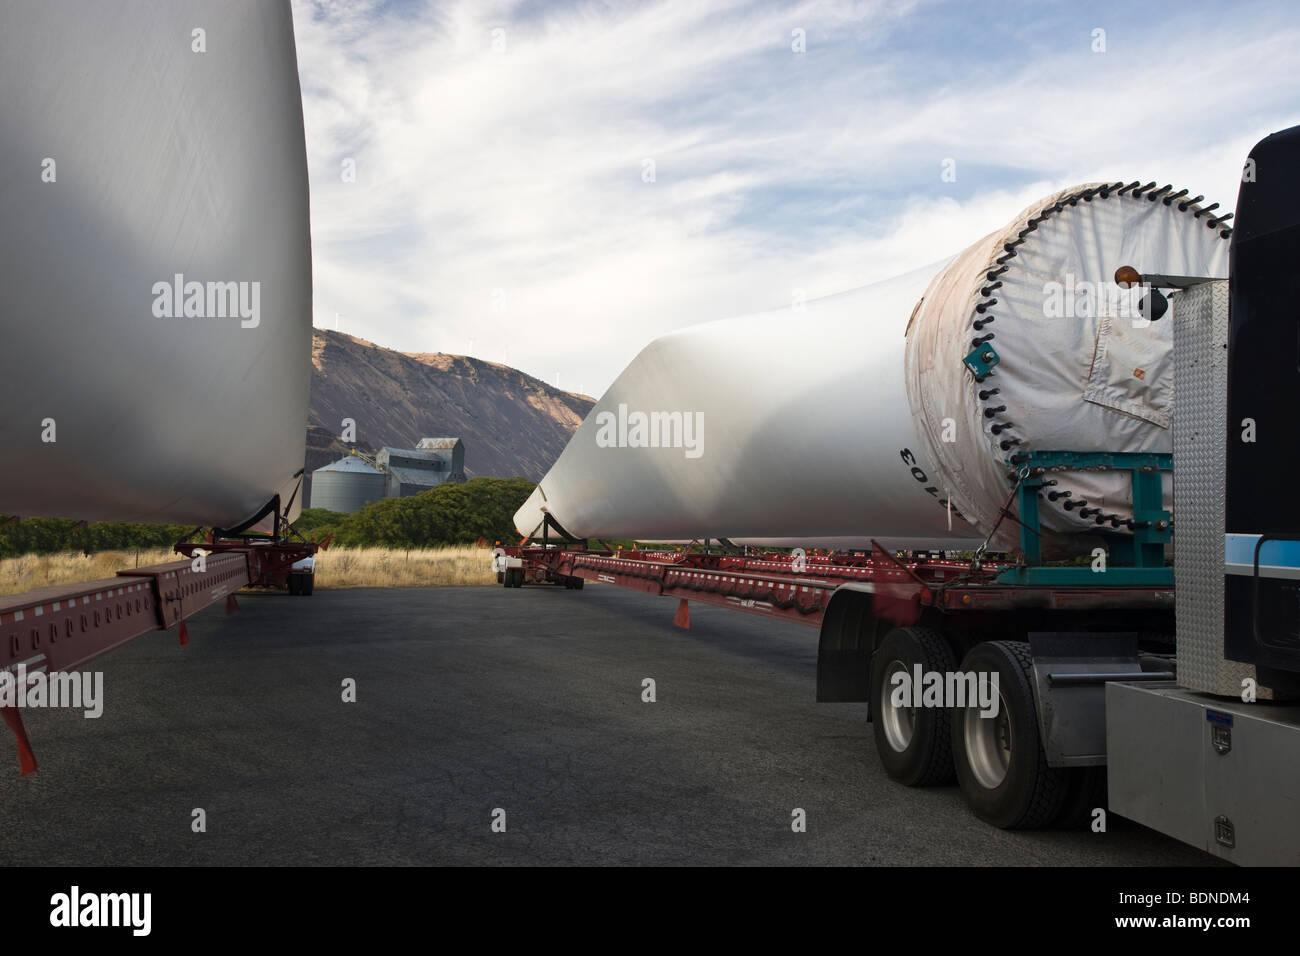 Les hélices de l'éolienne en route vers l'emplacement de l'assemblée. Photo Stock